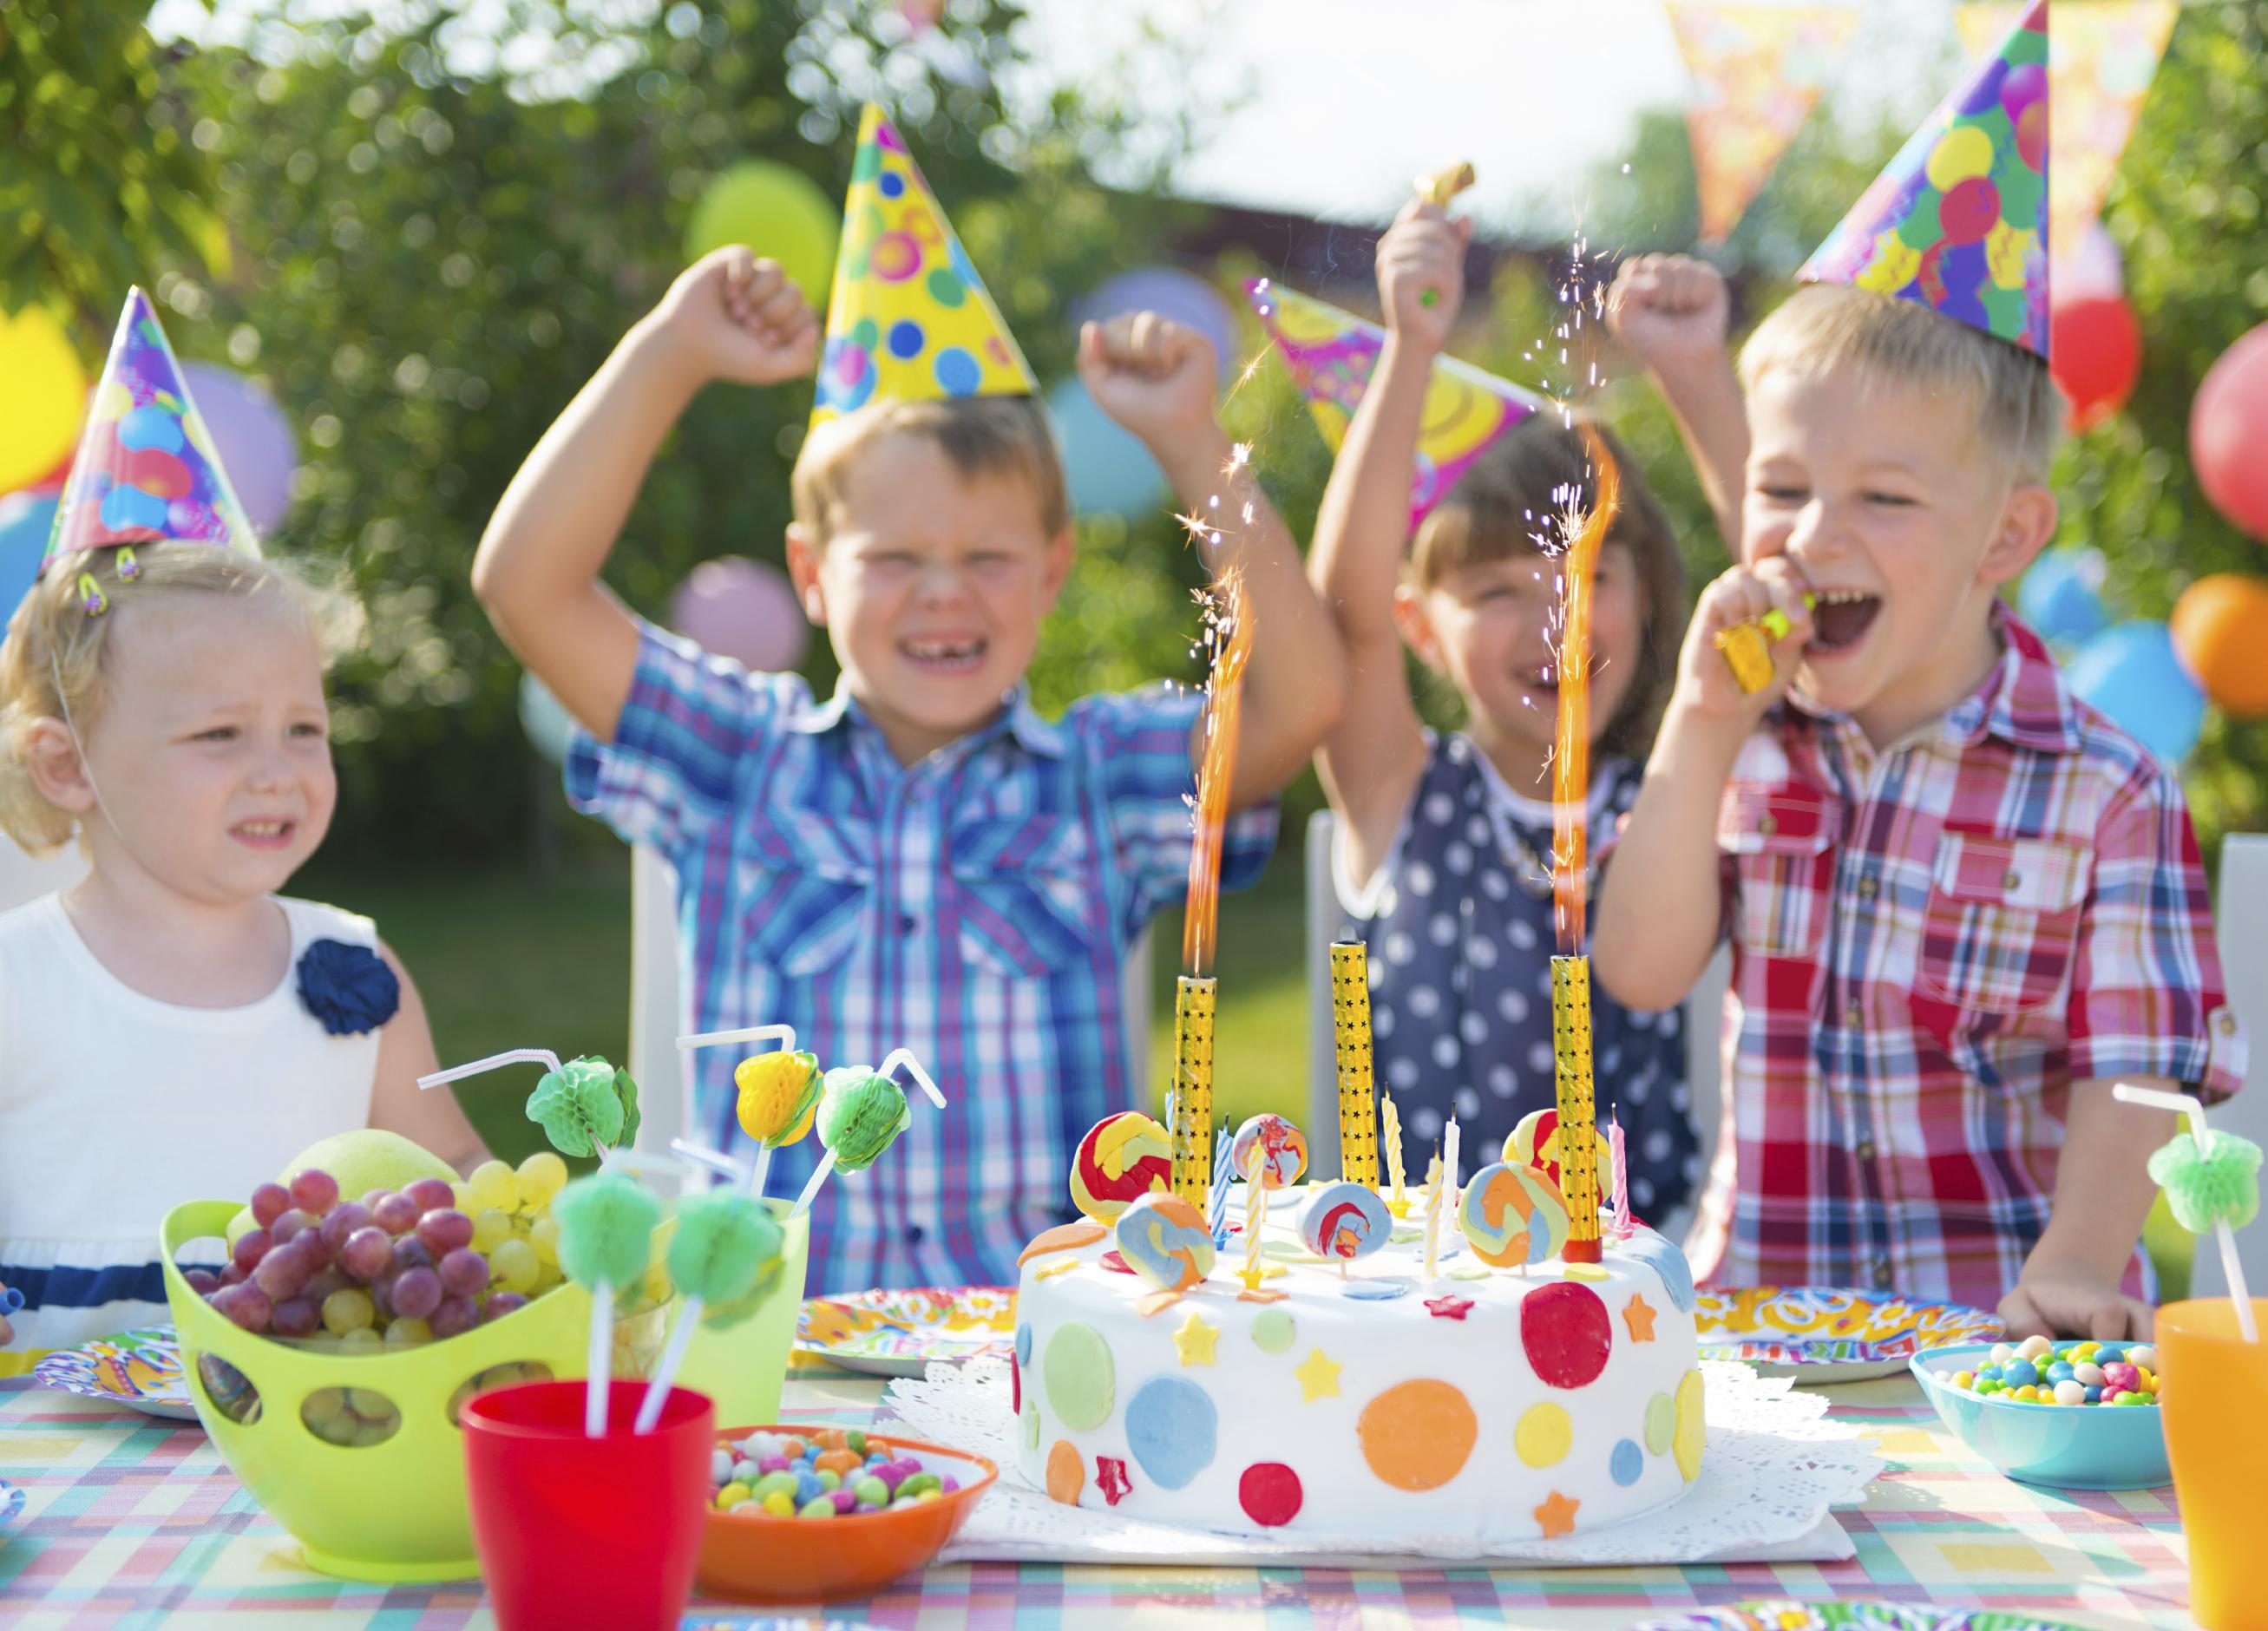 compleanno: organizzare una festa